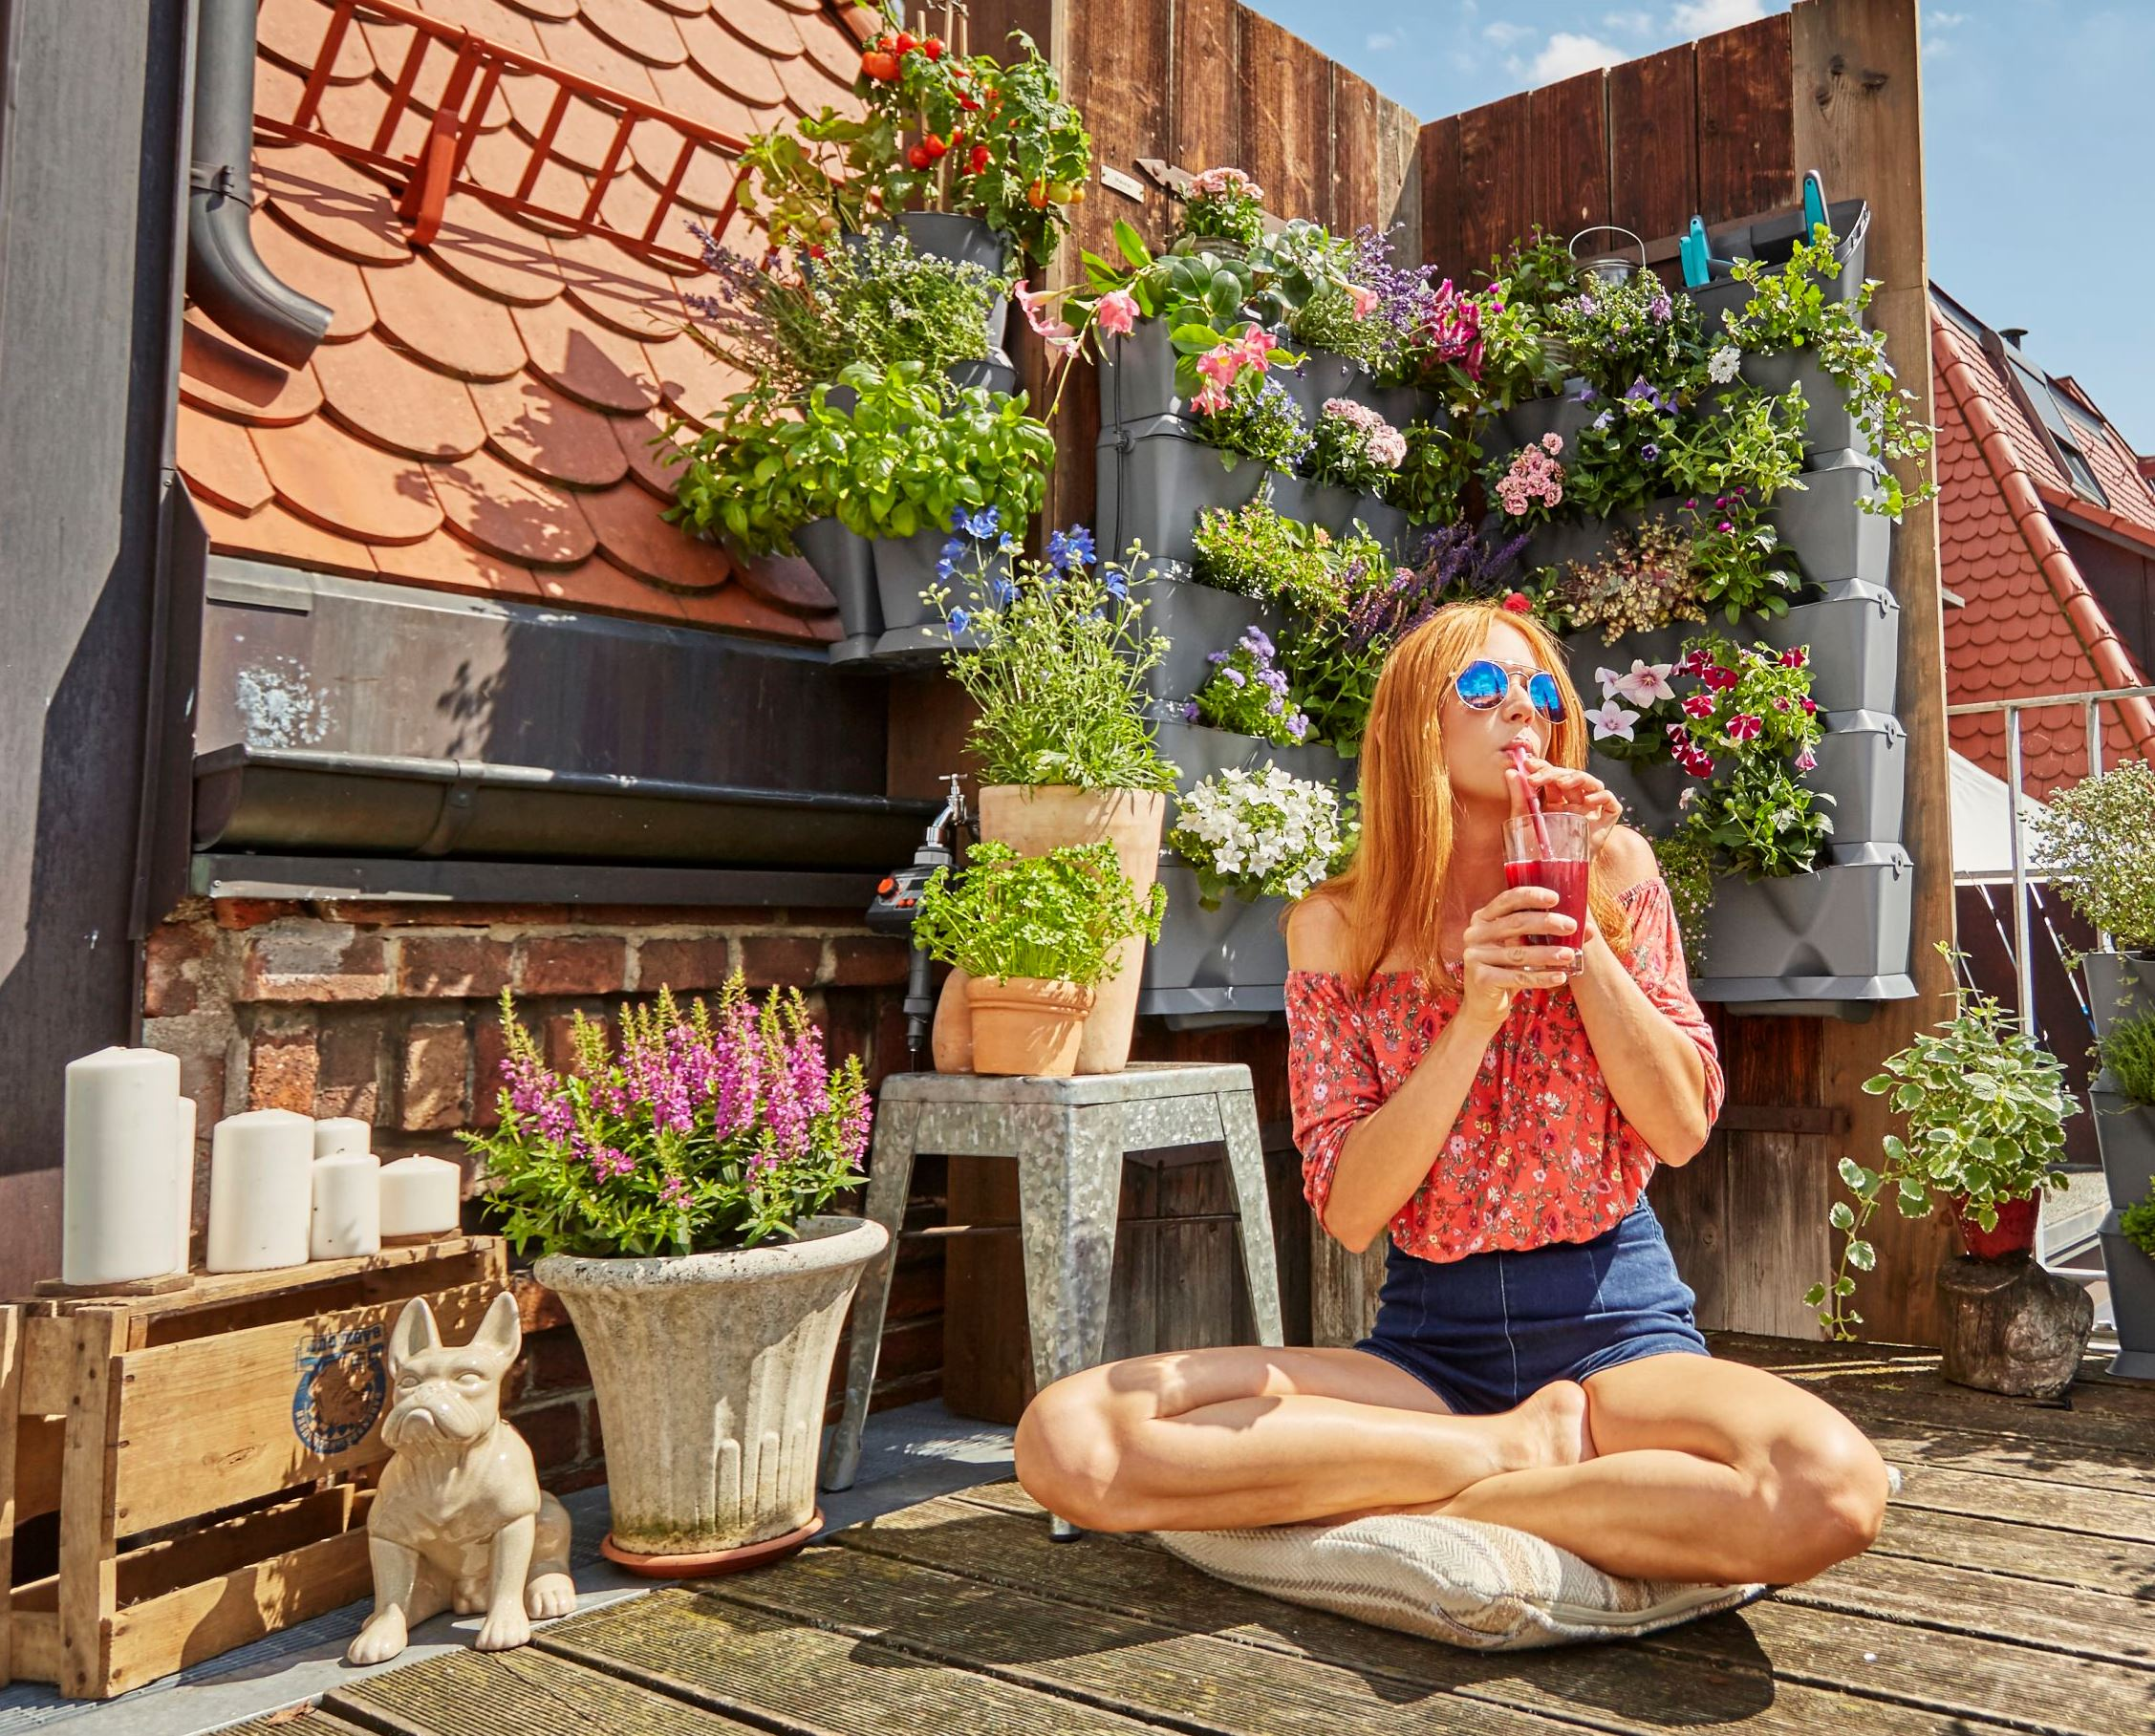 Tuinieren Op Balkon : Stapelbaar systeem voor verticaal tuinieren nieuws tuin ideeën